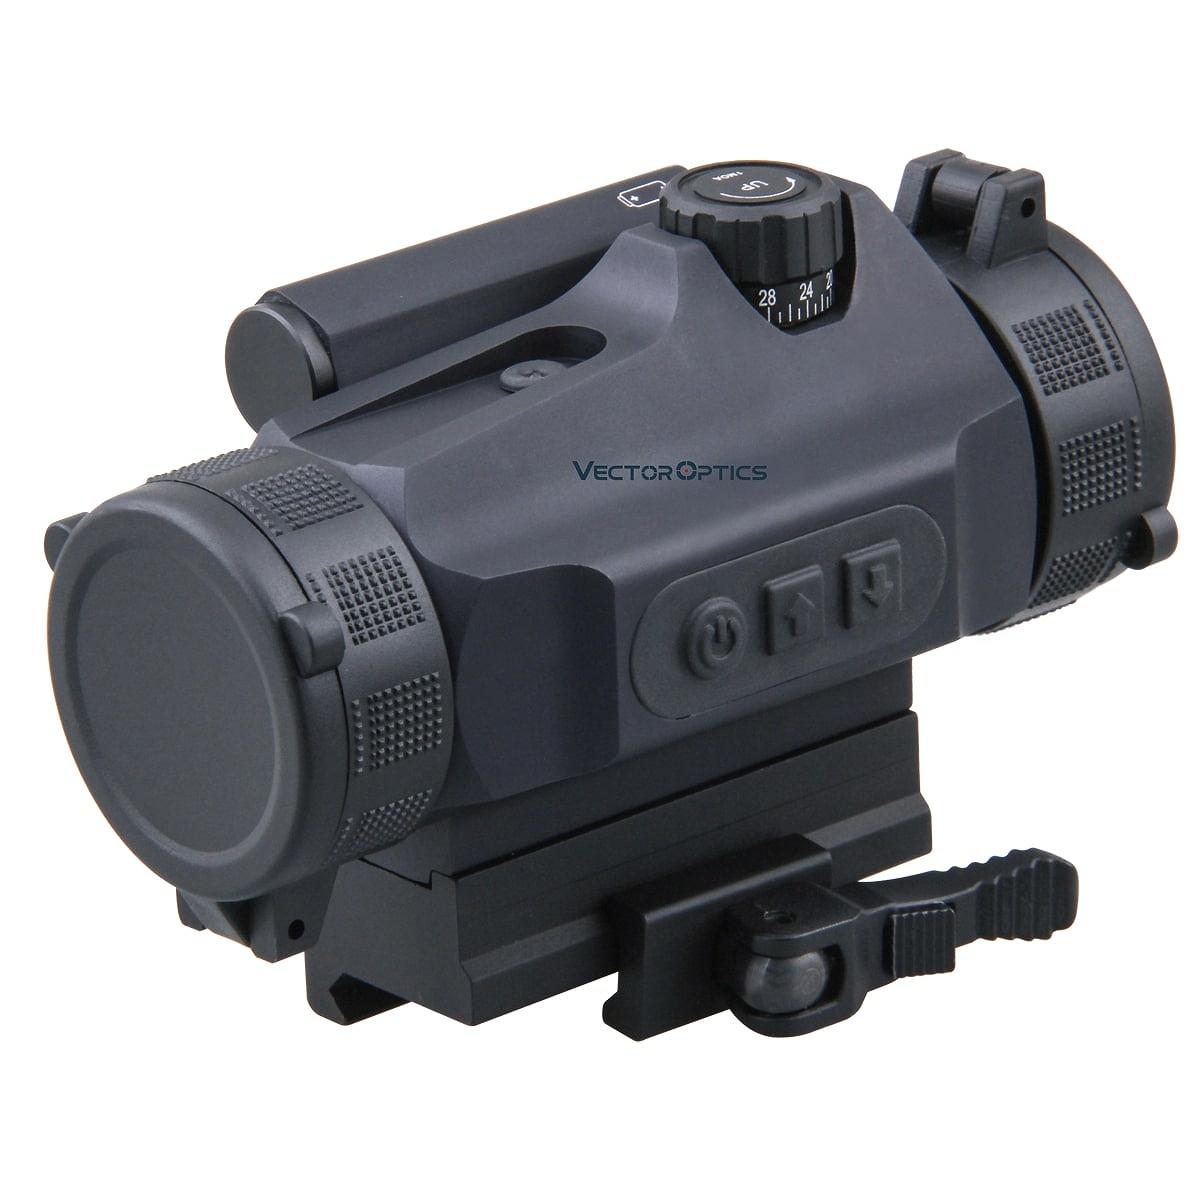 ベクターオプティクス ドットサイト ノーチラス 1x30 Vector Optics SCRD-26II